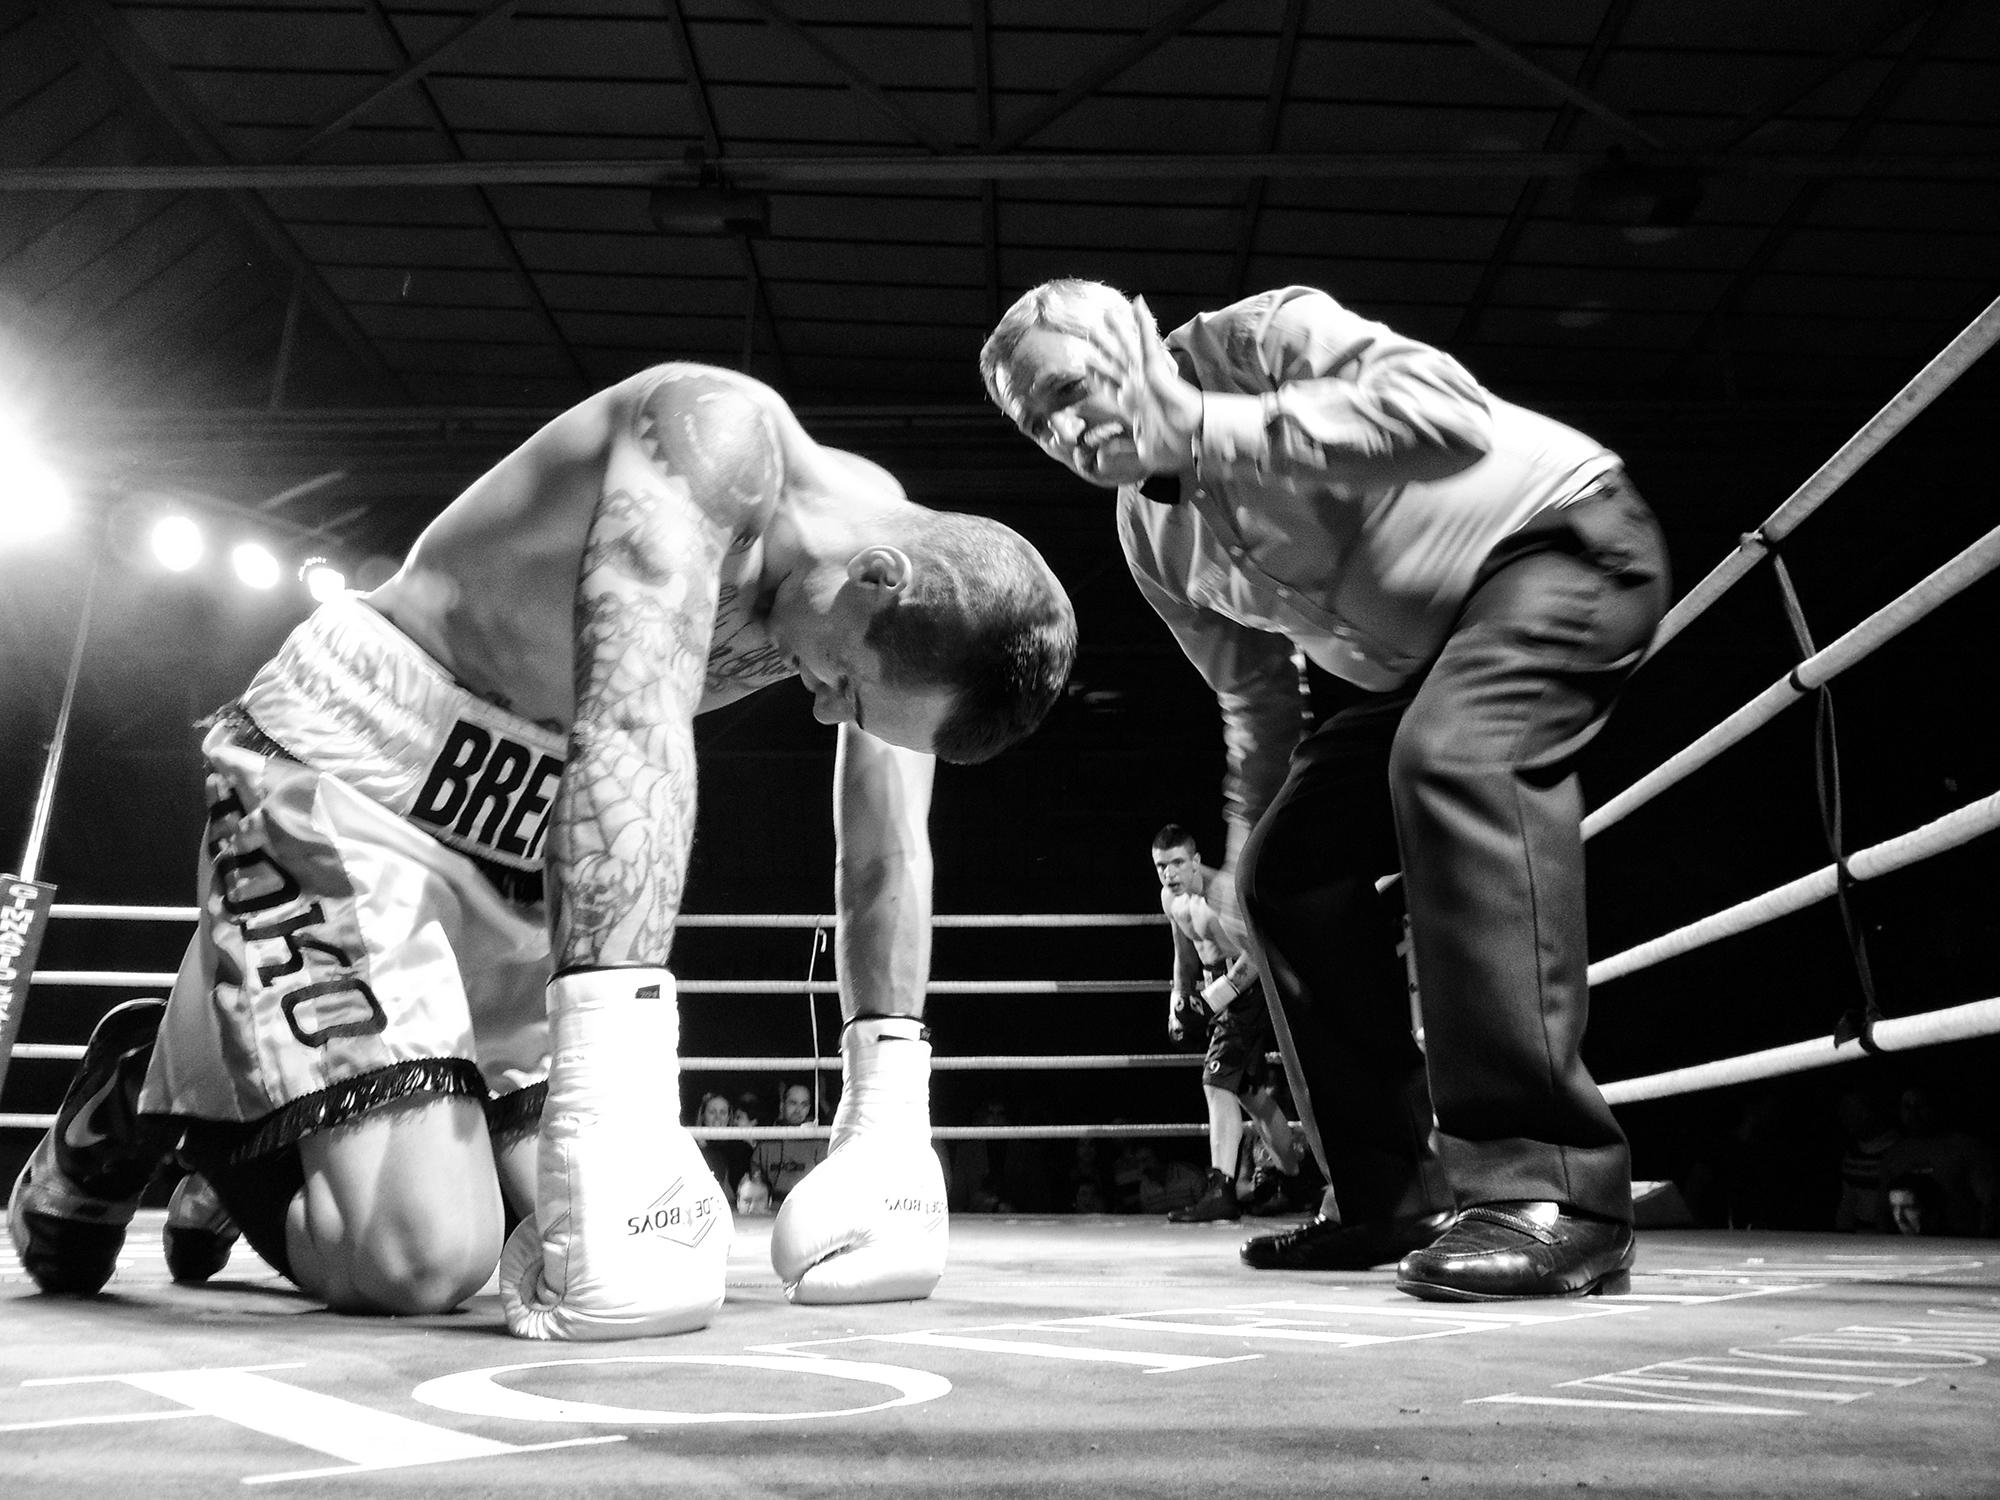 El boxeador profesional Ignasi Caballero recibe la primera cuenta en su combate contra Kerman Lejarraga en Bilbao